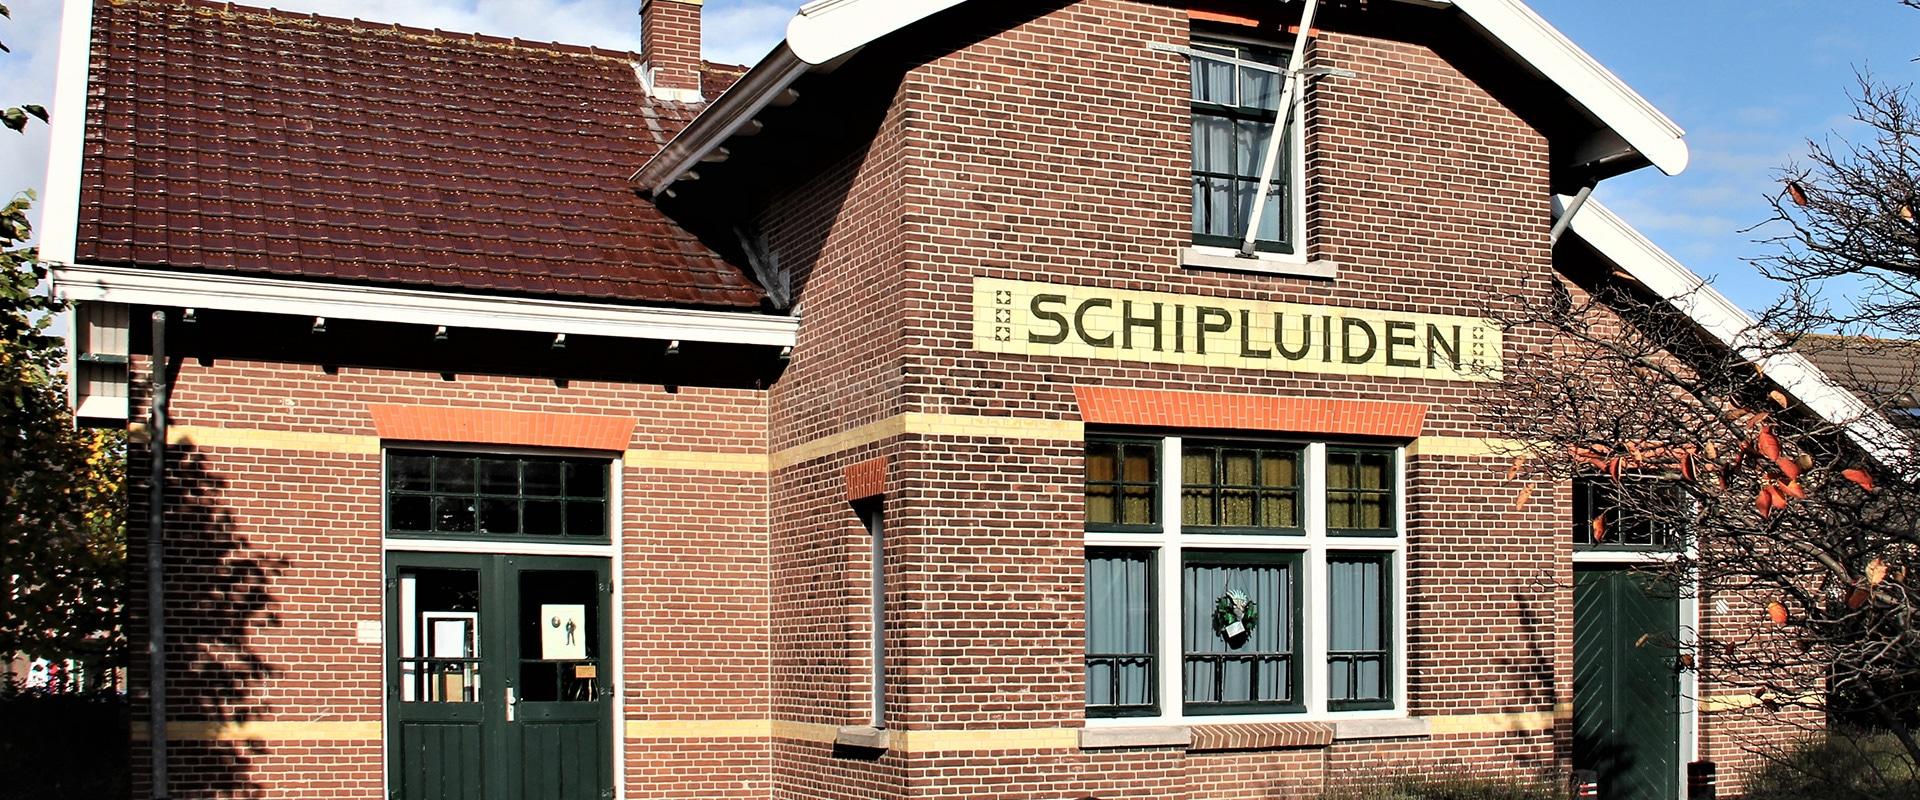 historisch pand van het tramstation van de voormalige Westlandse Stoomtram Maatschappij (WSM) in Schipluiden